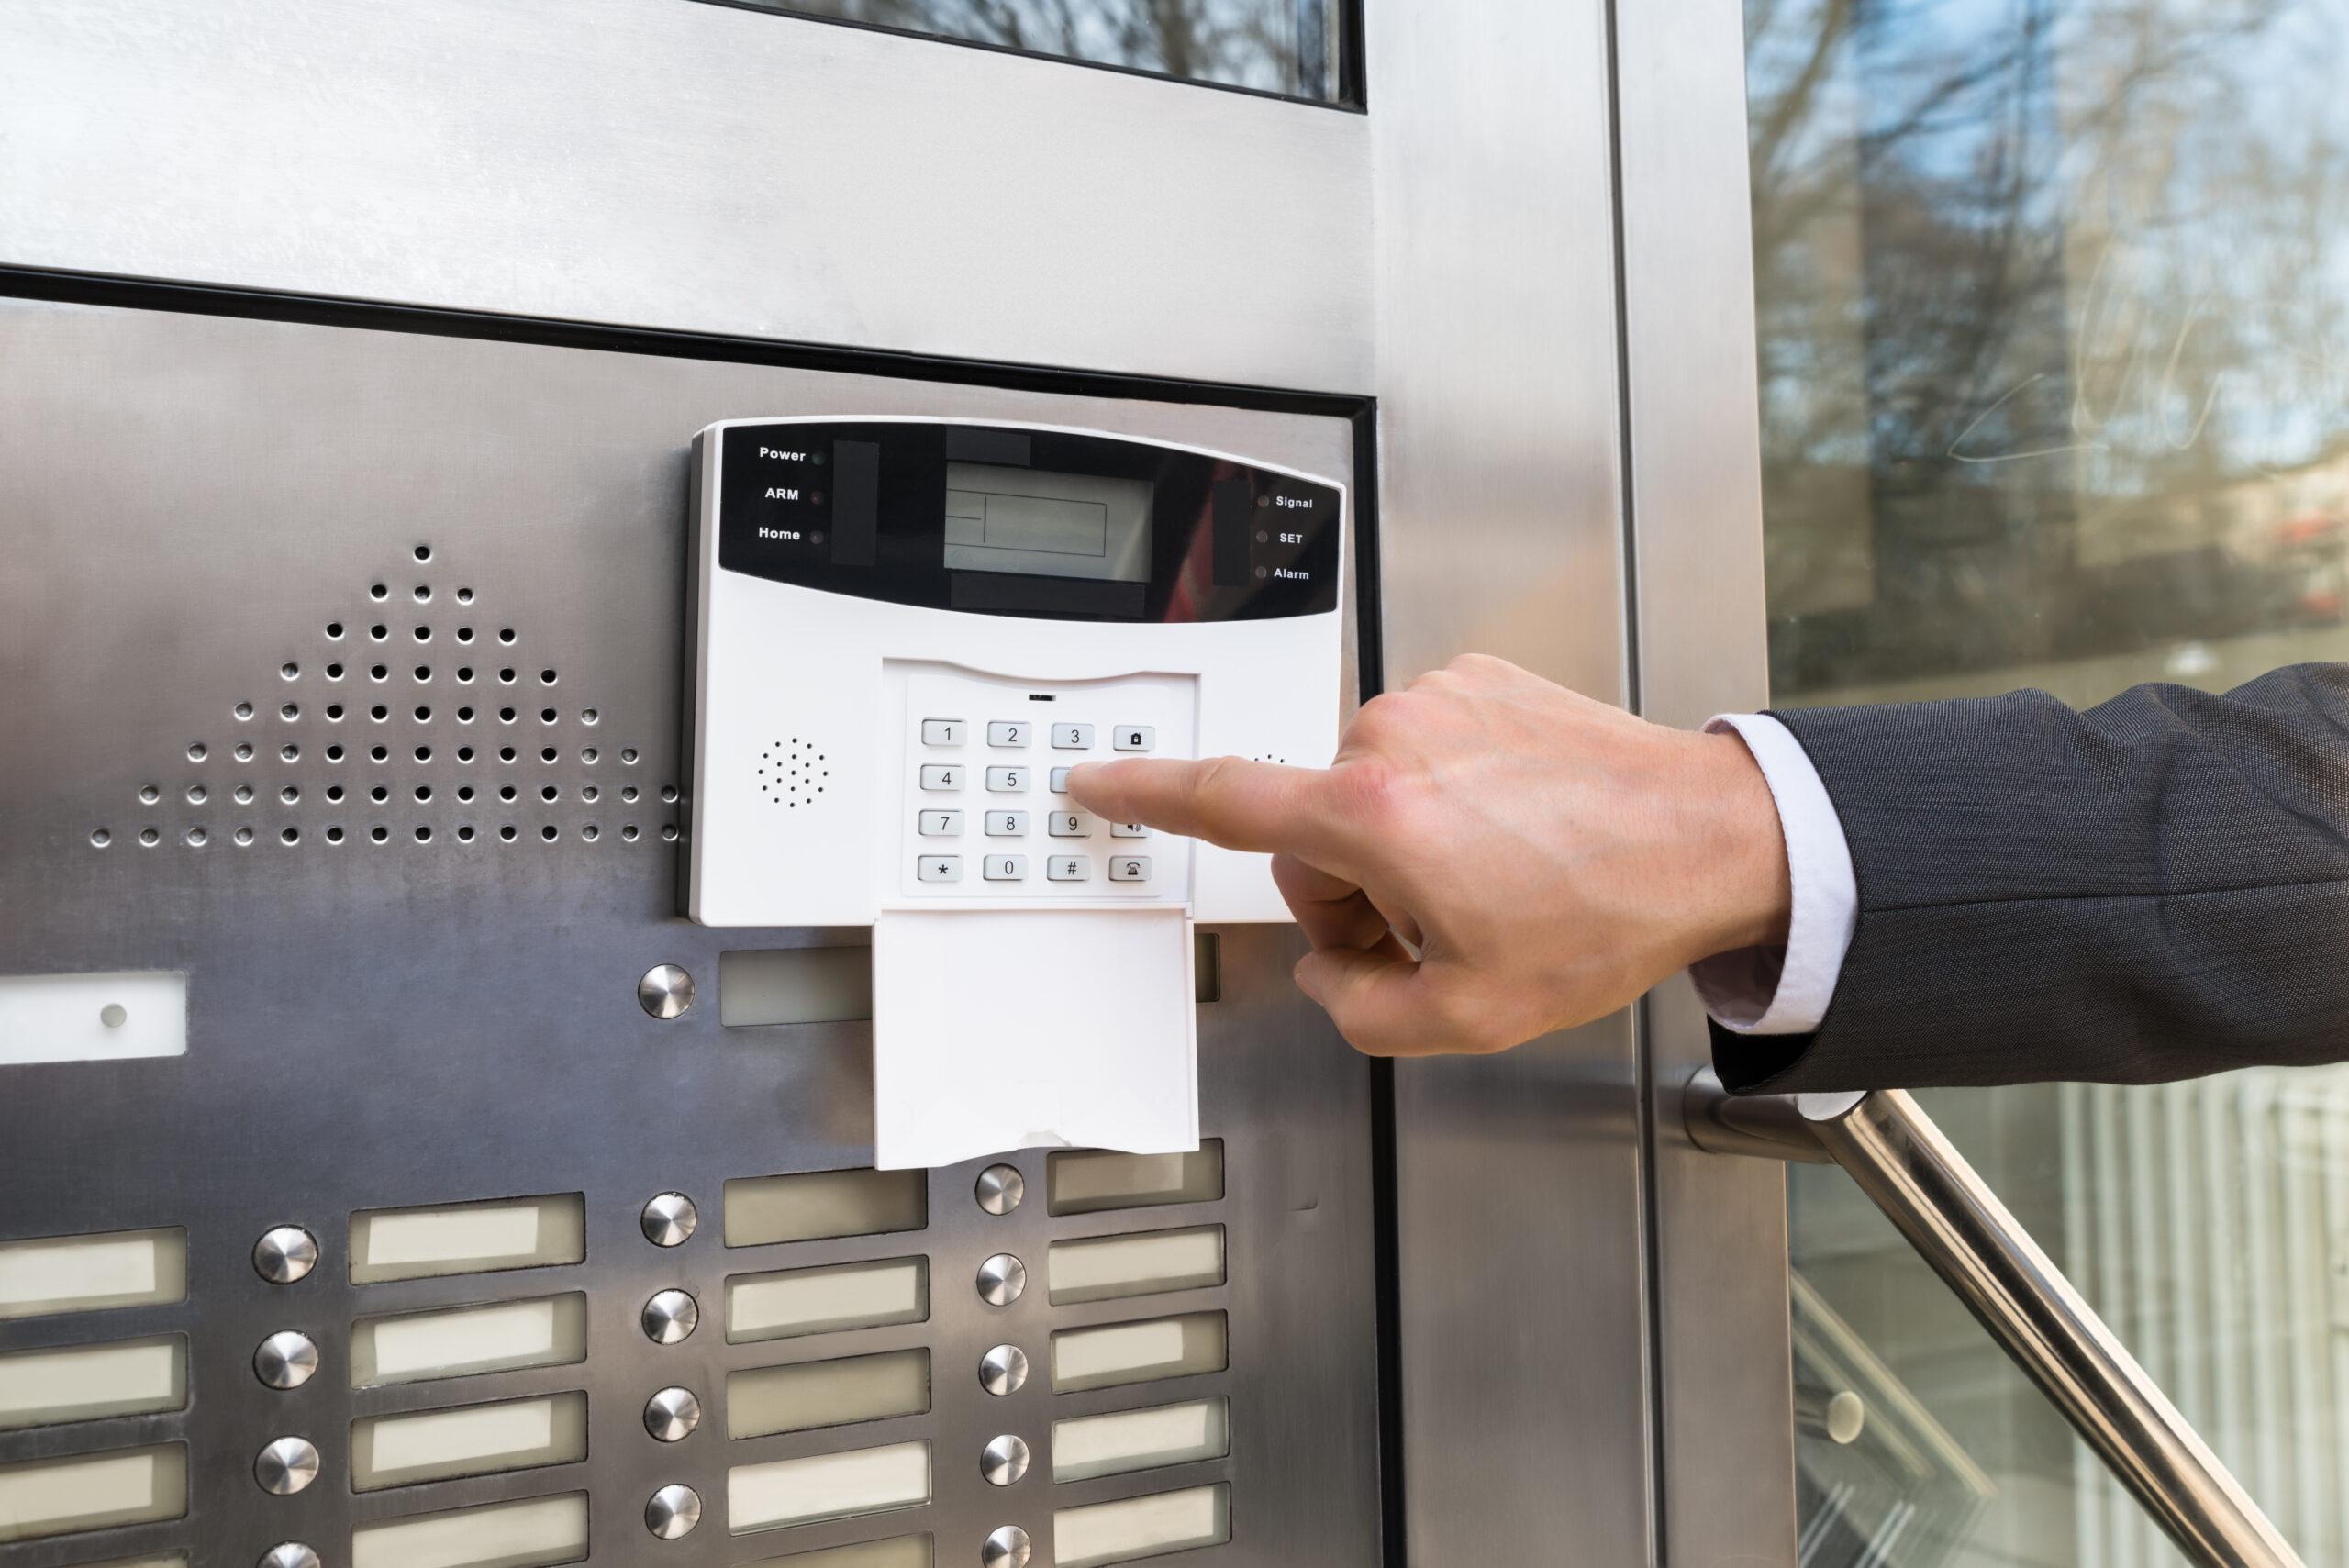 安心感で入居率を高める、賃貸経営におけるマンションのセキュリティシステム導入メリット